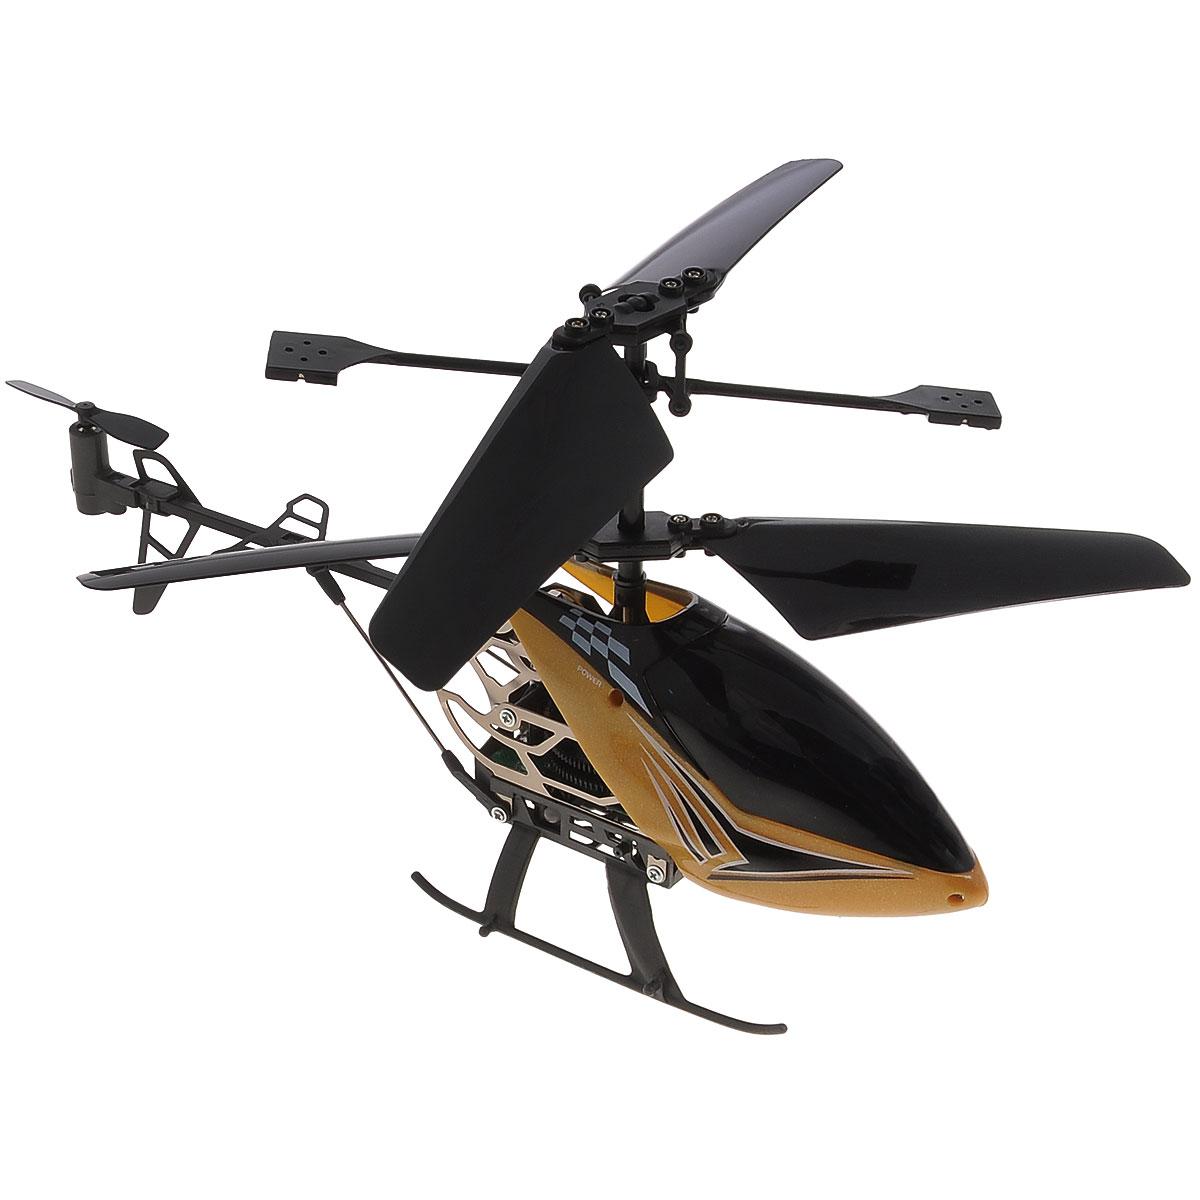 Silverlit Вертолет на радиоуправлении Sky Dragon цвет золотистый84512Радиоуправляемая модель Silverlit Вертолет Sky Dragon со световыми эффектами привлечет внимание не только ребенка, но и взрослого, и станет отличным подарком любителю воздушной техники. Вертолет оснащен уникальной системой винта, позволяющей вертолету плавно подниматься, а также встроенным гироскопом, который поможет скорректировать и устранить нежелательные вращения корпуса вертолета, благодаря чему сохранится высокая устойчивость полета. Каркас вертолета выполнен из пластика с использованием металла. Вертолет имеет трехканальное дистанционное управление, с помощью пульта управления можно менять скорость полета, а также проделывать фигуры высшего пилотажа. Модель вертолета идеально подходит для игры как внутри помещения, так и на улице. Зарядка аккумулятора осуществляется от пульта управления. В комплект входит радиоуправляемый вертолет, пульт управления, запасной хвостовой винт, отвертка для смены винта и инструкция по эксплуатации на русском языке. Каждый полет...